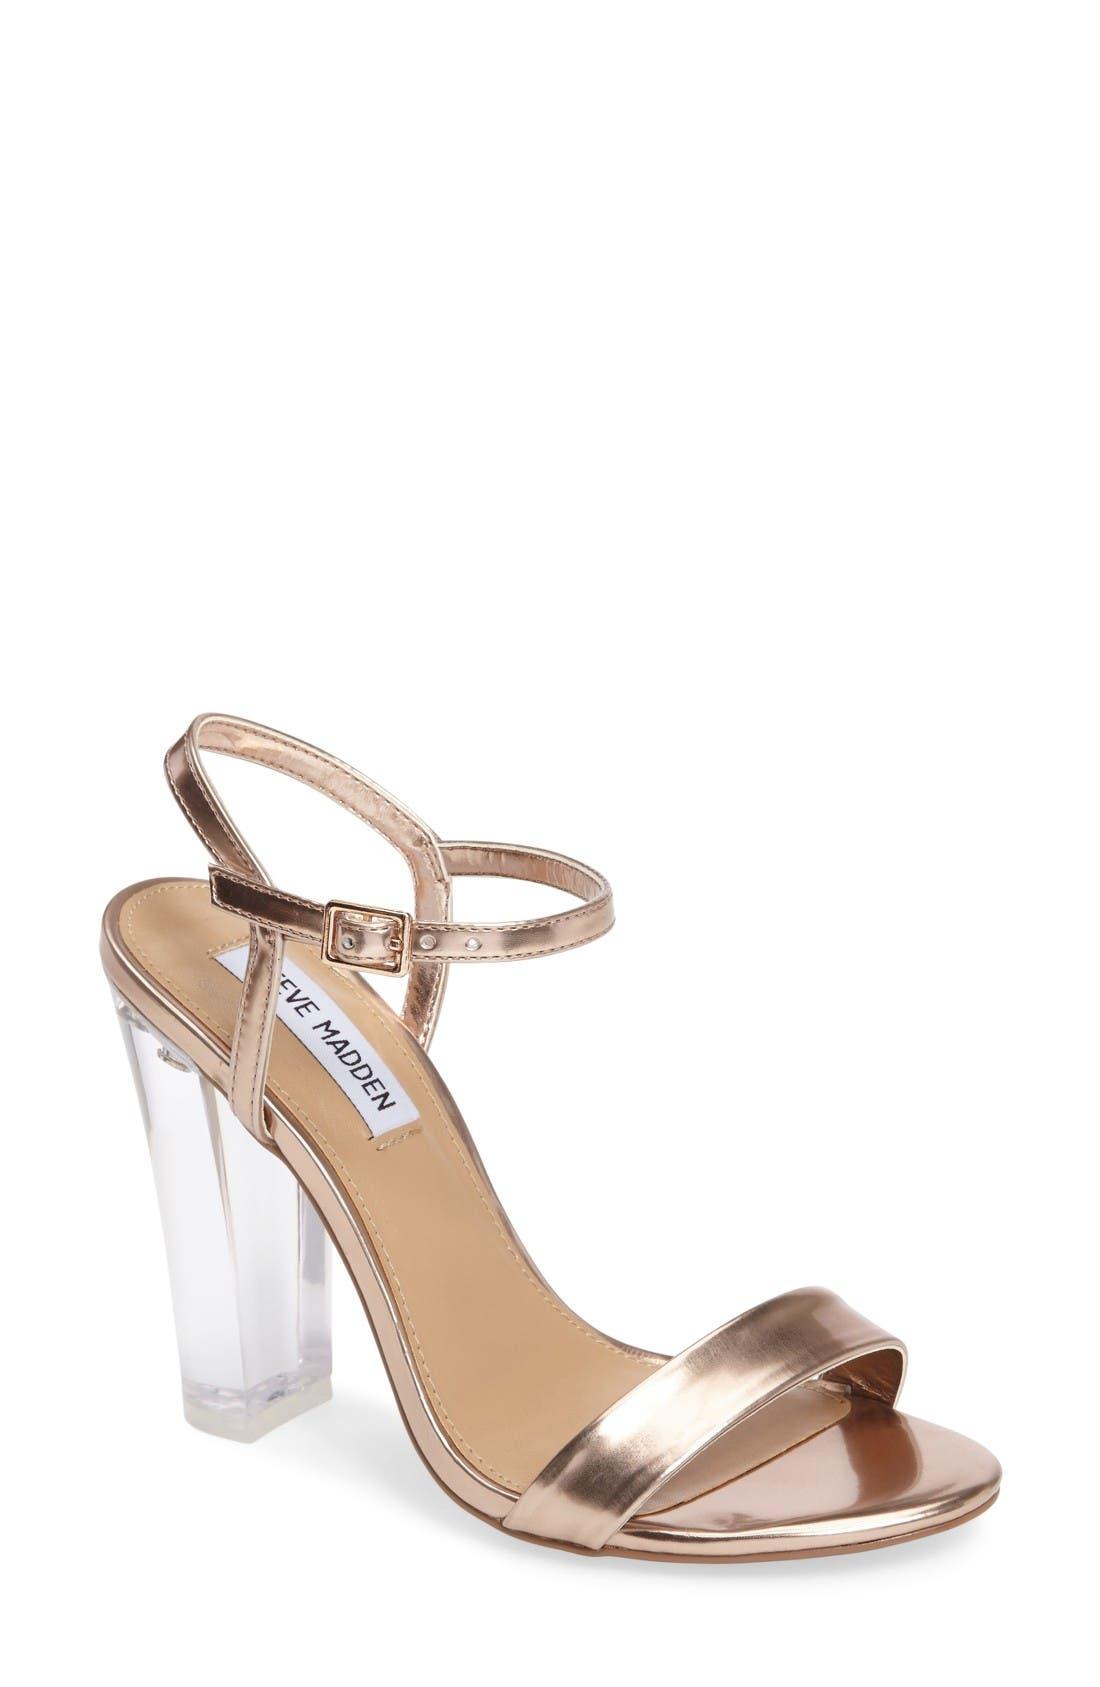 Main Image - Steve Madden Vallery Clear Heeled Sandal (Women)